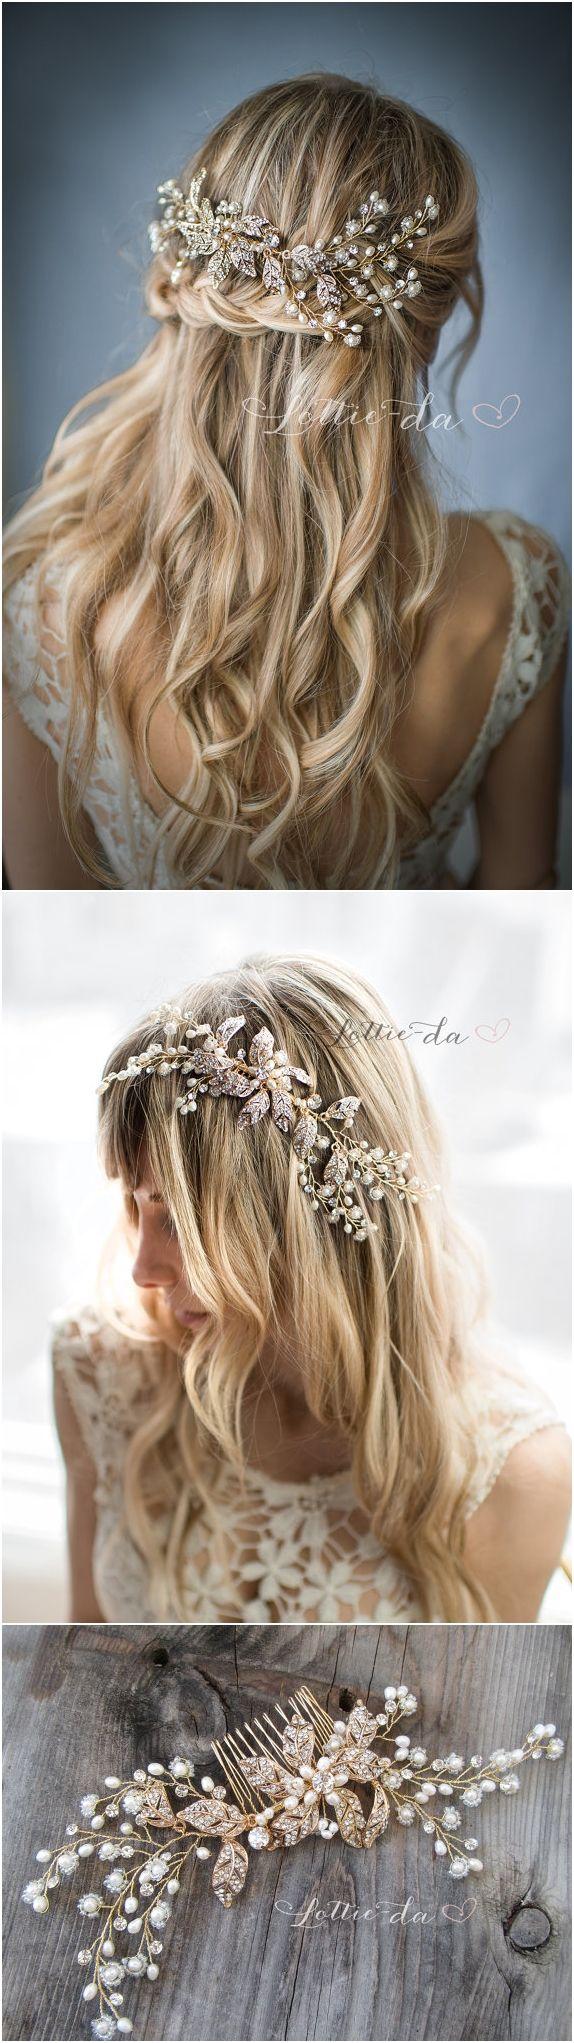 Boho Gold Flower Leaf Hair Vine Wedding Headpiece, Wire Wedding Hair comb, Weddi...